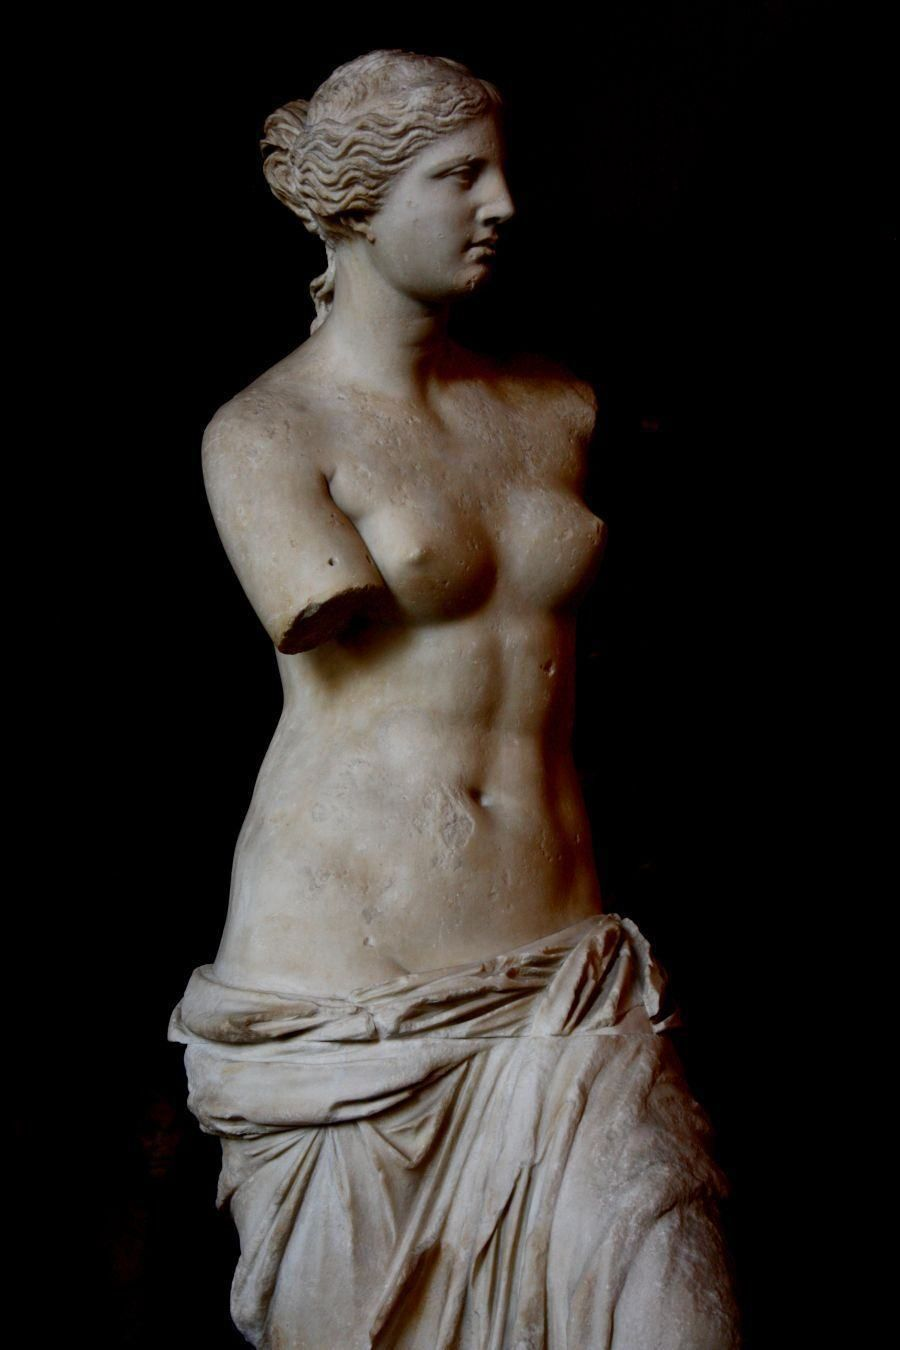 Resultado De Imagem Para Os Sonhadores Venus De Milo Venus De Milo Ancient Greek Sculpture Michelangelo Sculpture